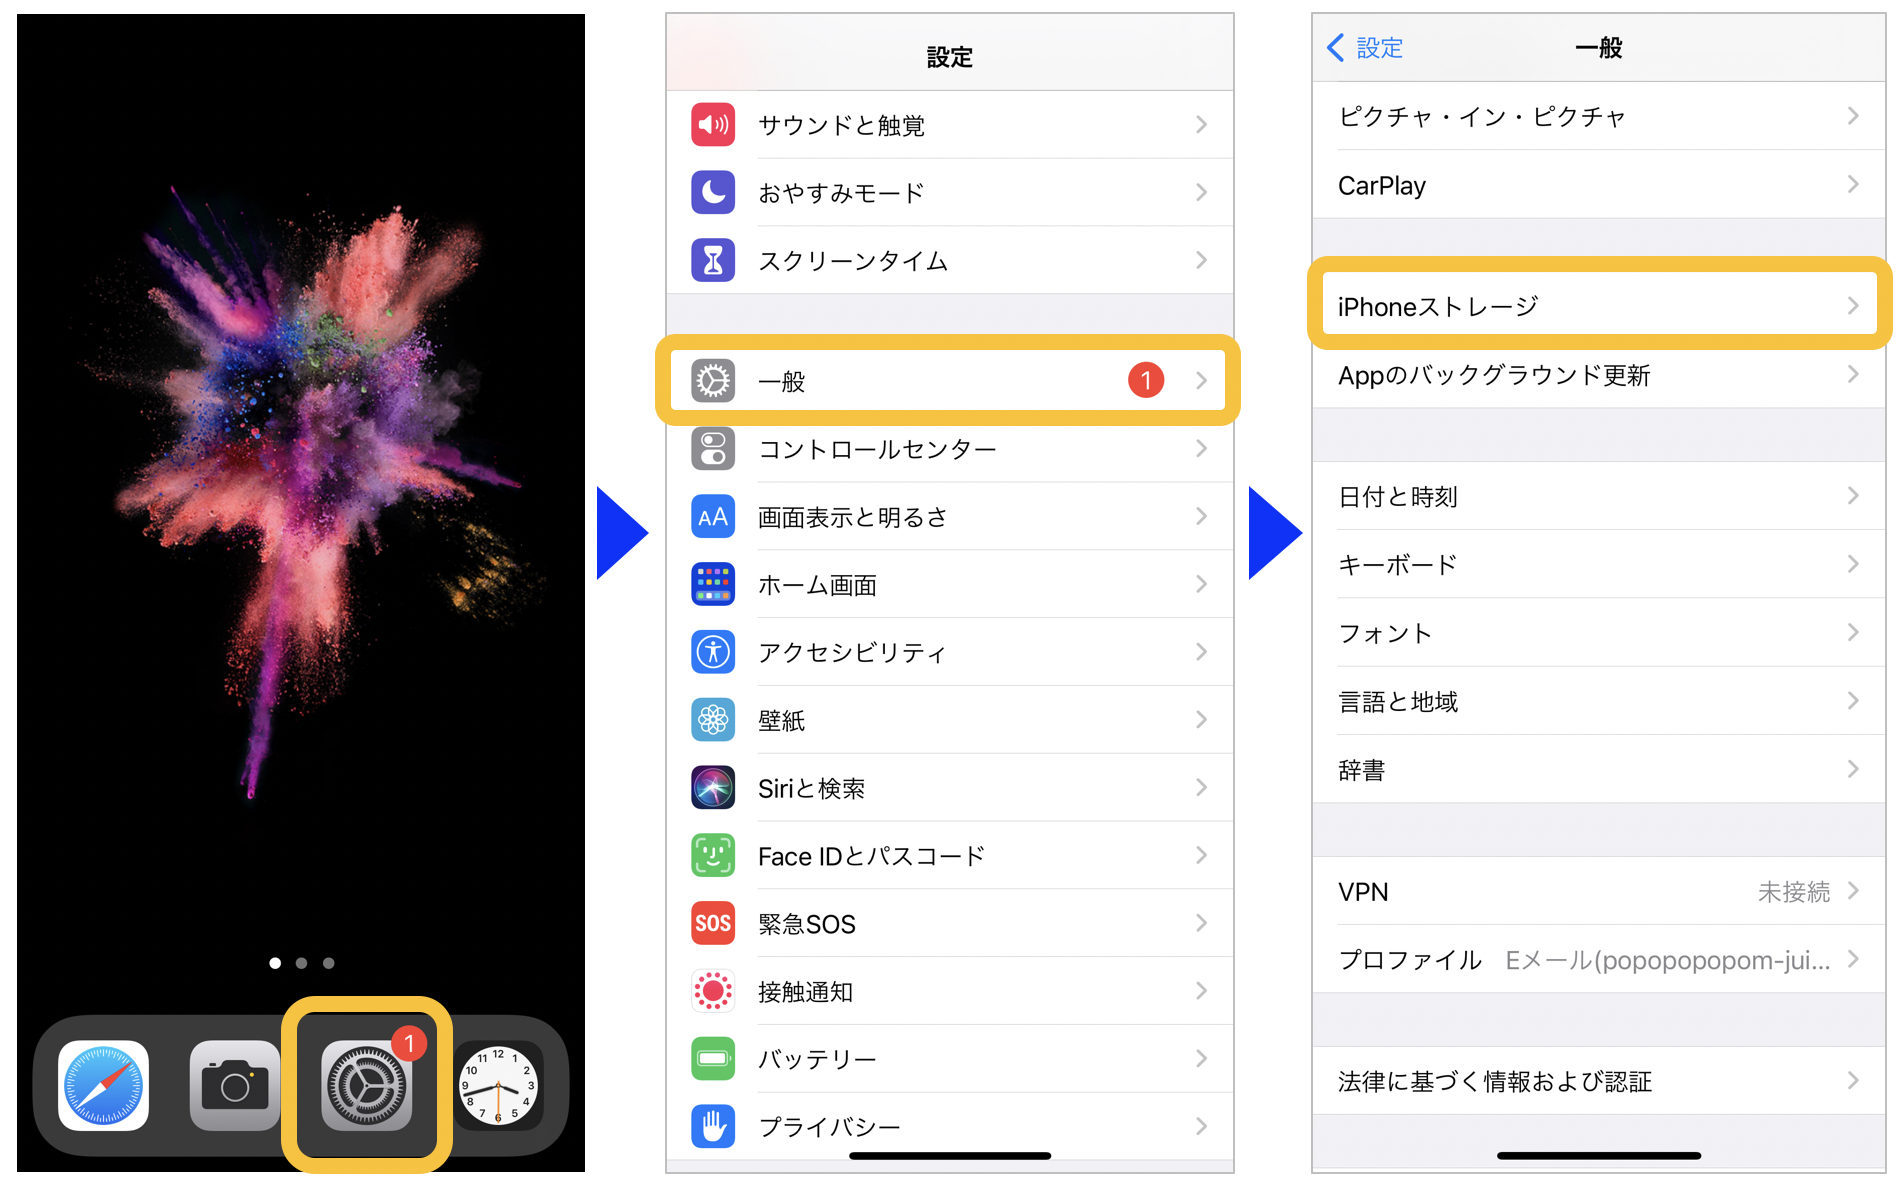 iPhoneのストレージ残容量確認方法